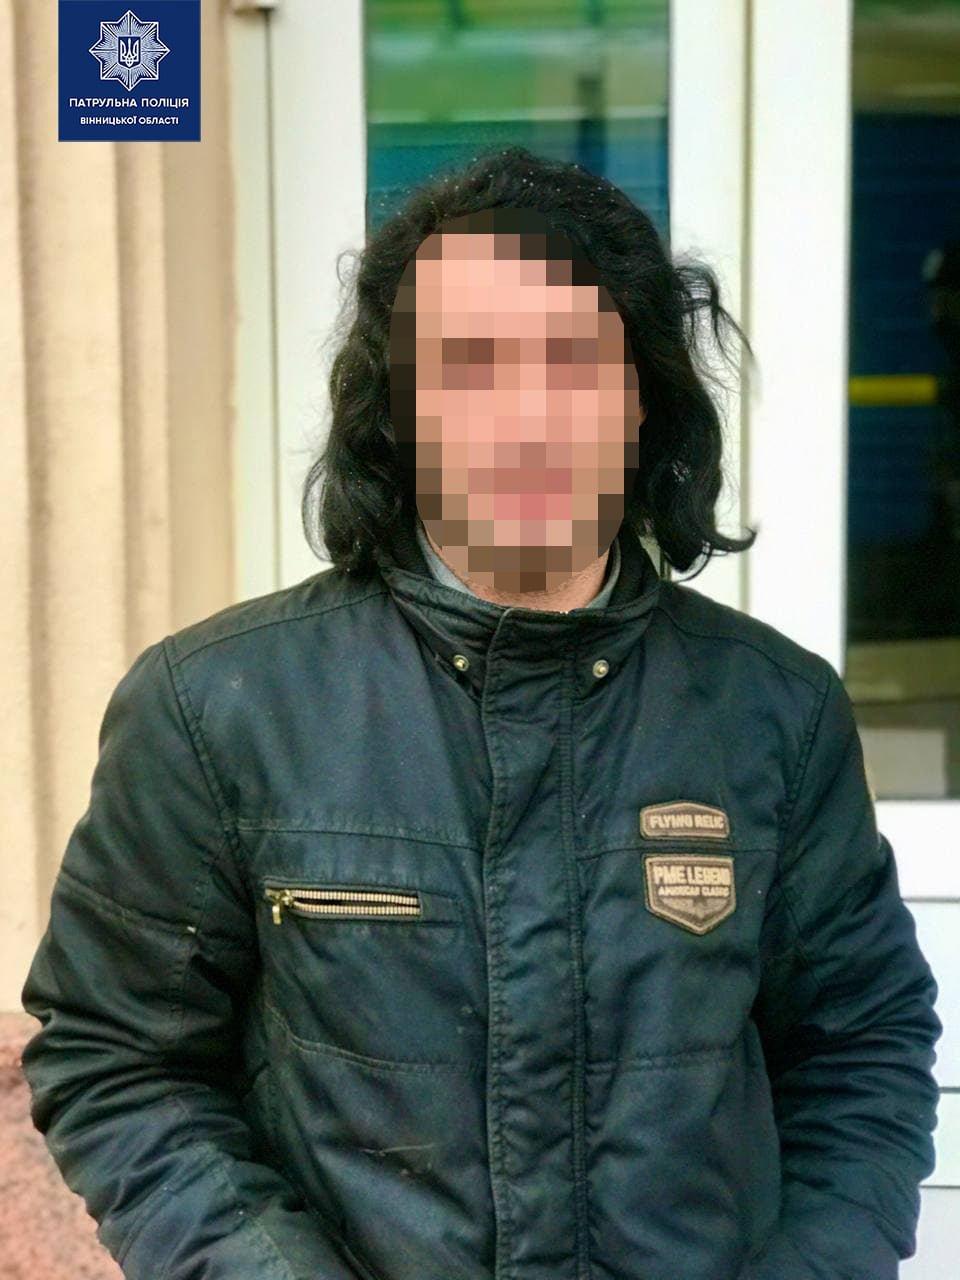 Злодія із Закарпаття затримали в області поряд із Кимївським регіоном